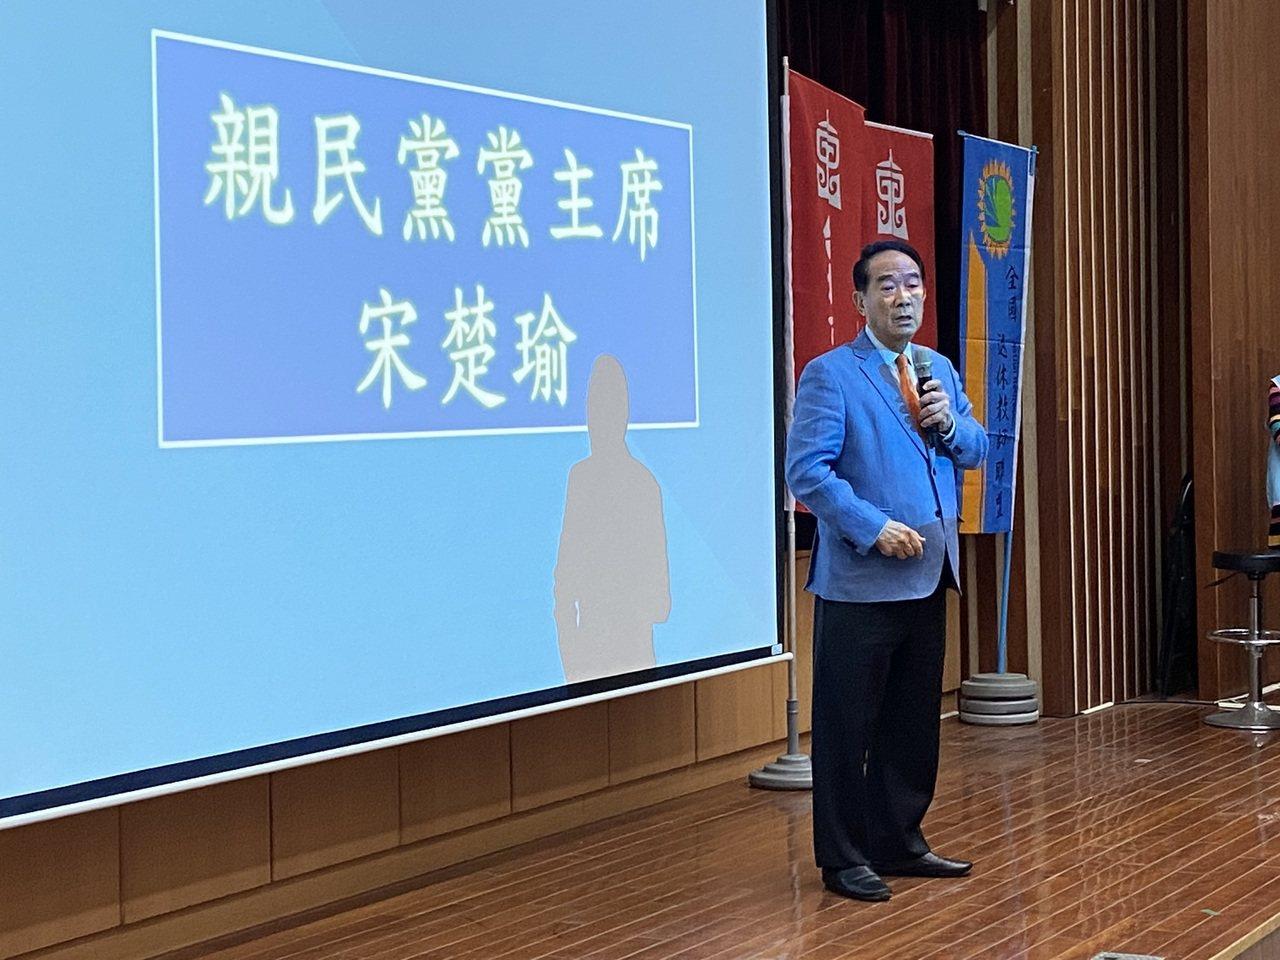 親民黨總統候選人宋楚瑜今天座談會遇到「韓粉」踢館。記者蔡晉宇/攝影